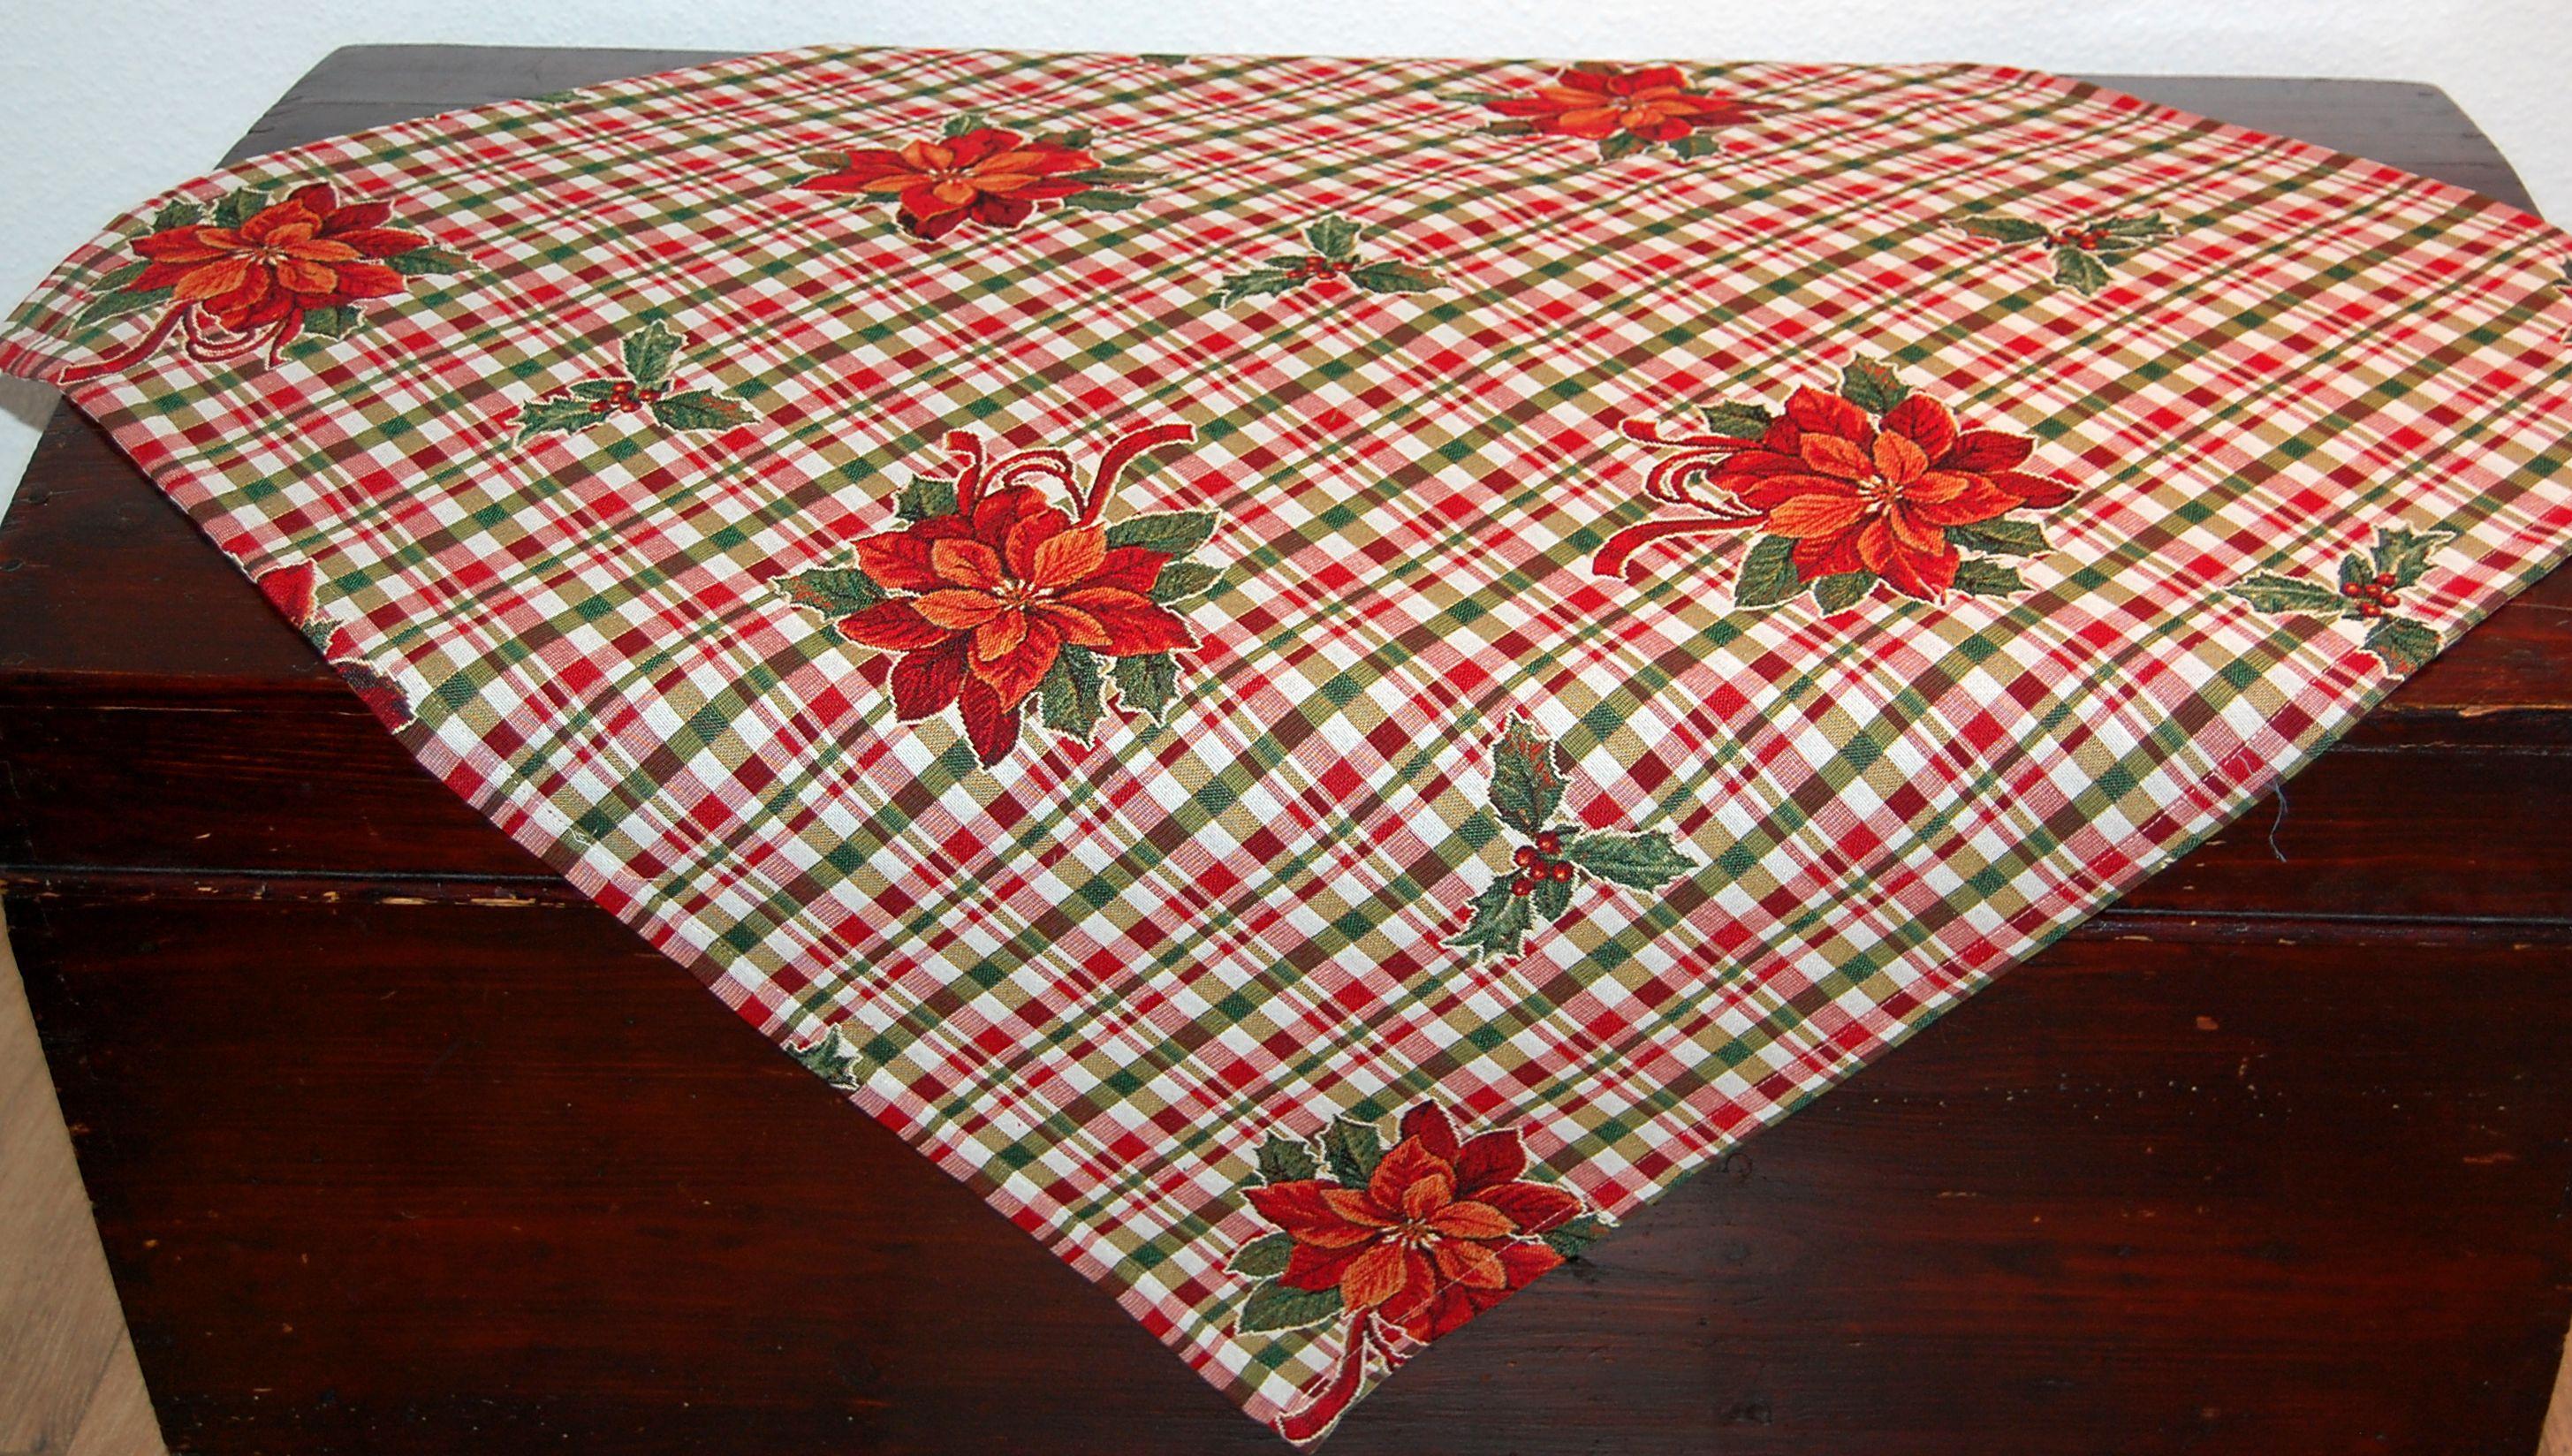 tischdecke weihnachten tischl ufer kissenh lle. Black Bedroom Furniture Sets. Home Design Ideas